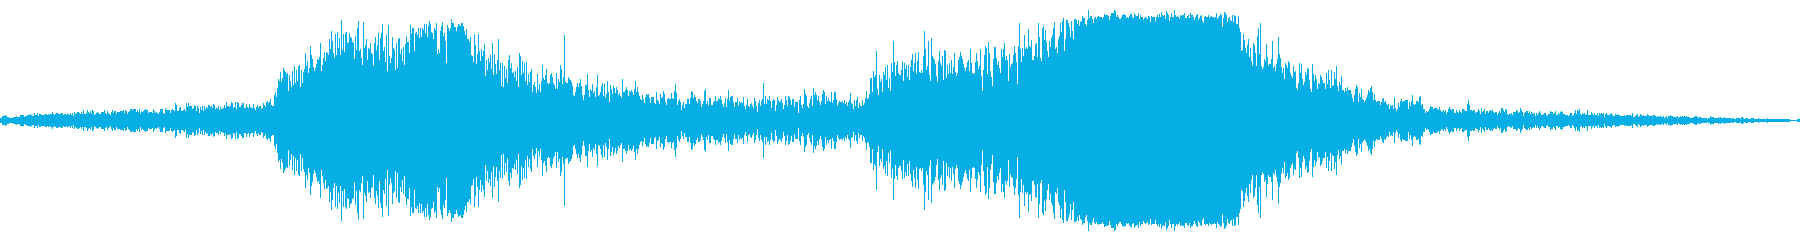 フォードTバードスローイン、アウェ...の再生済みの波形